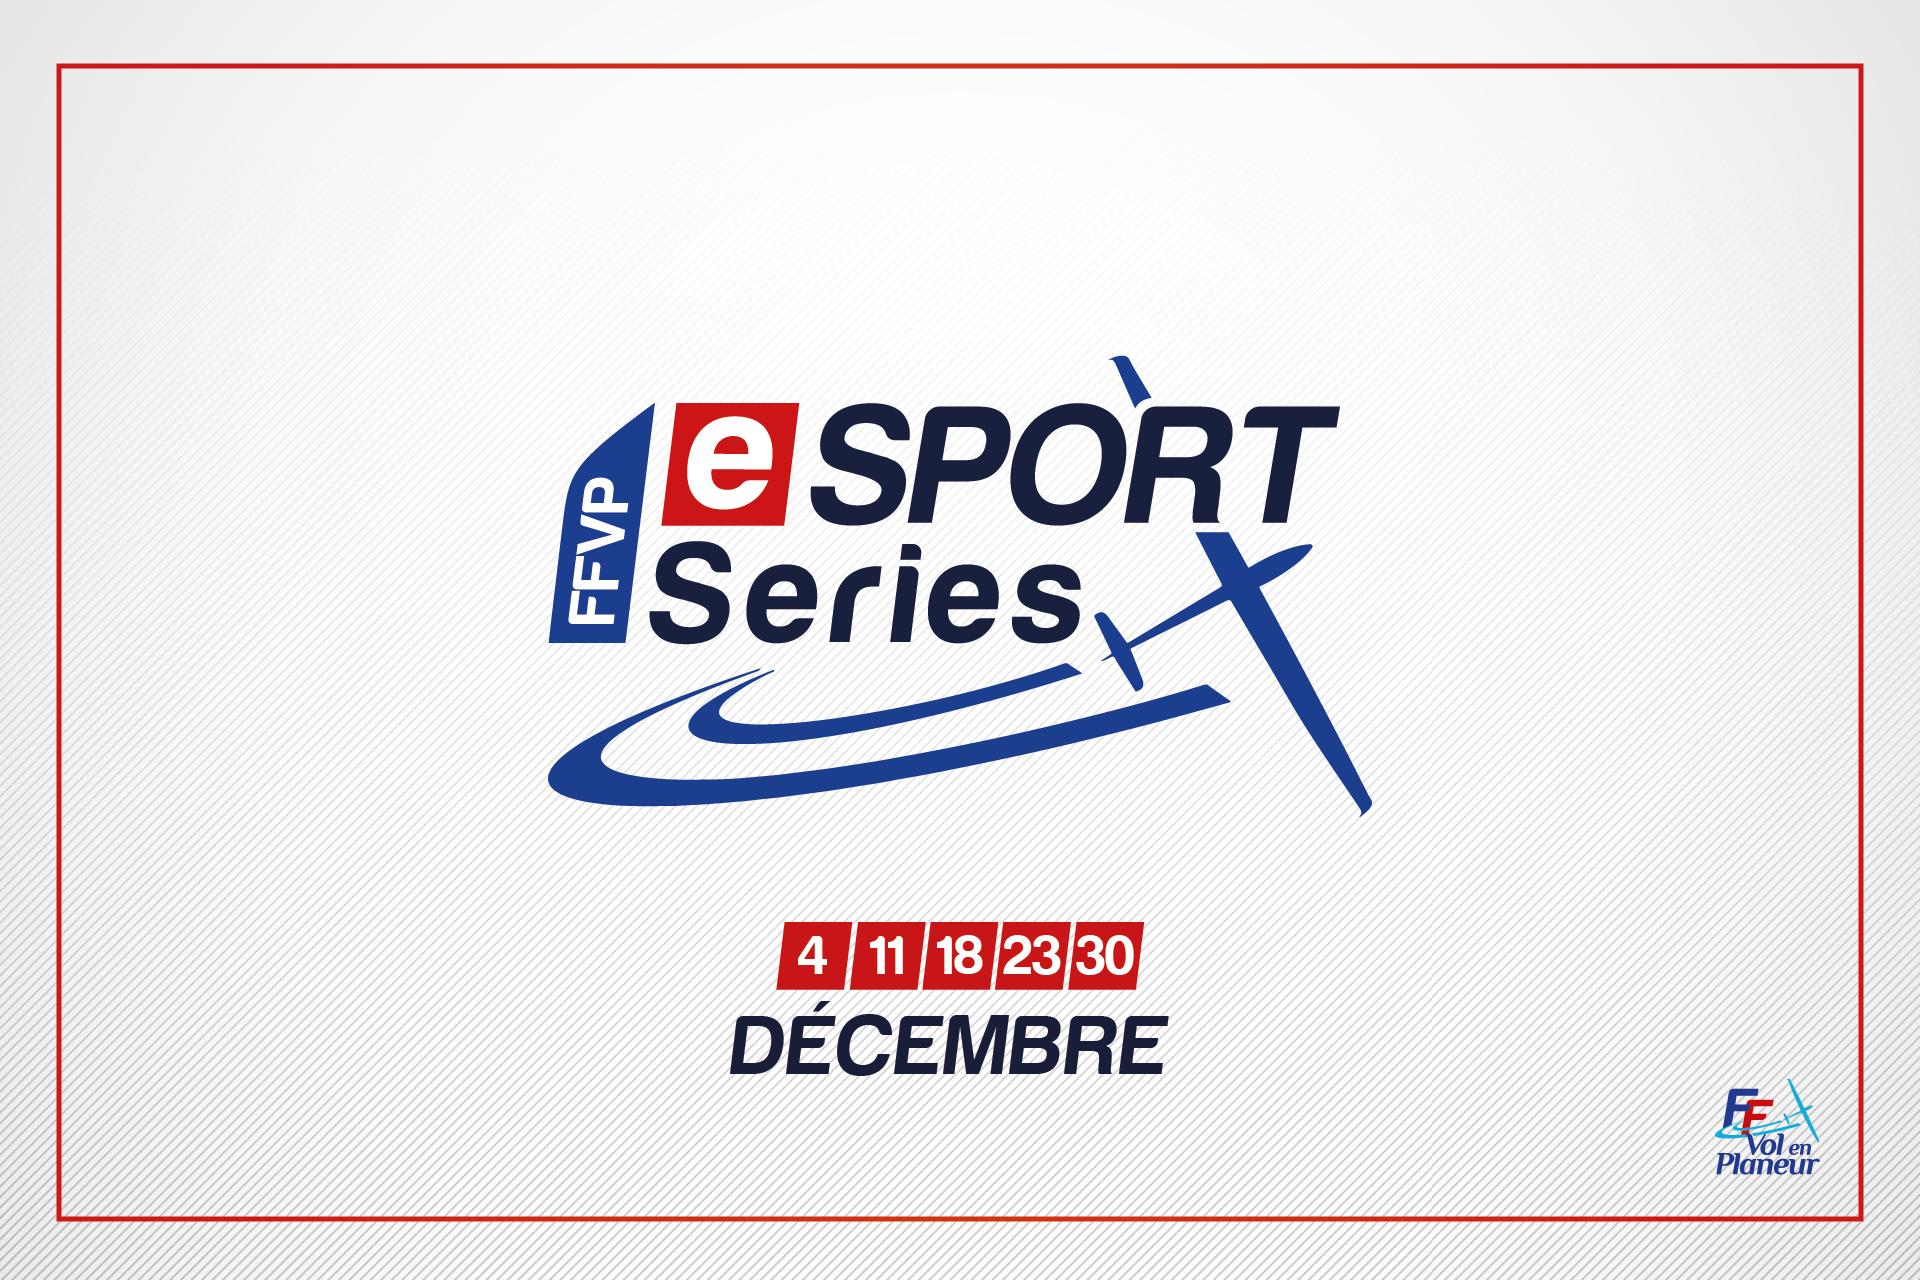 FFVP eSport Series – Décembre 2020